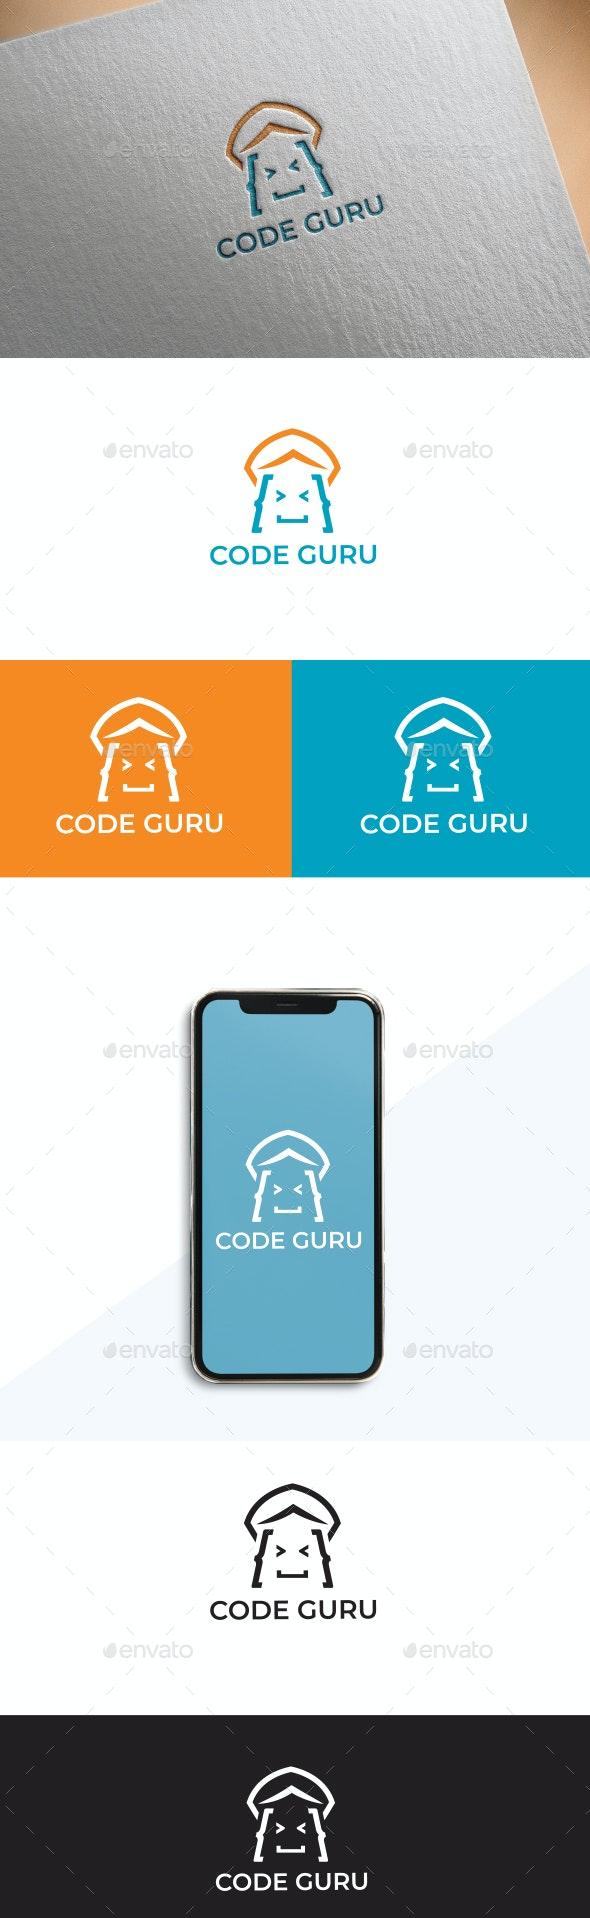 Code guru - Vector Abstract